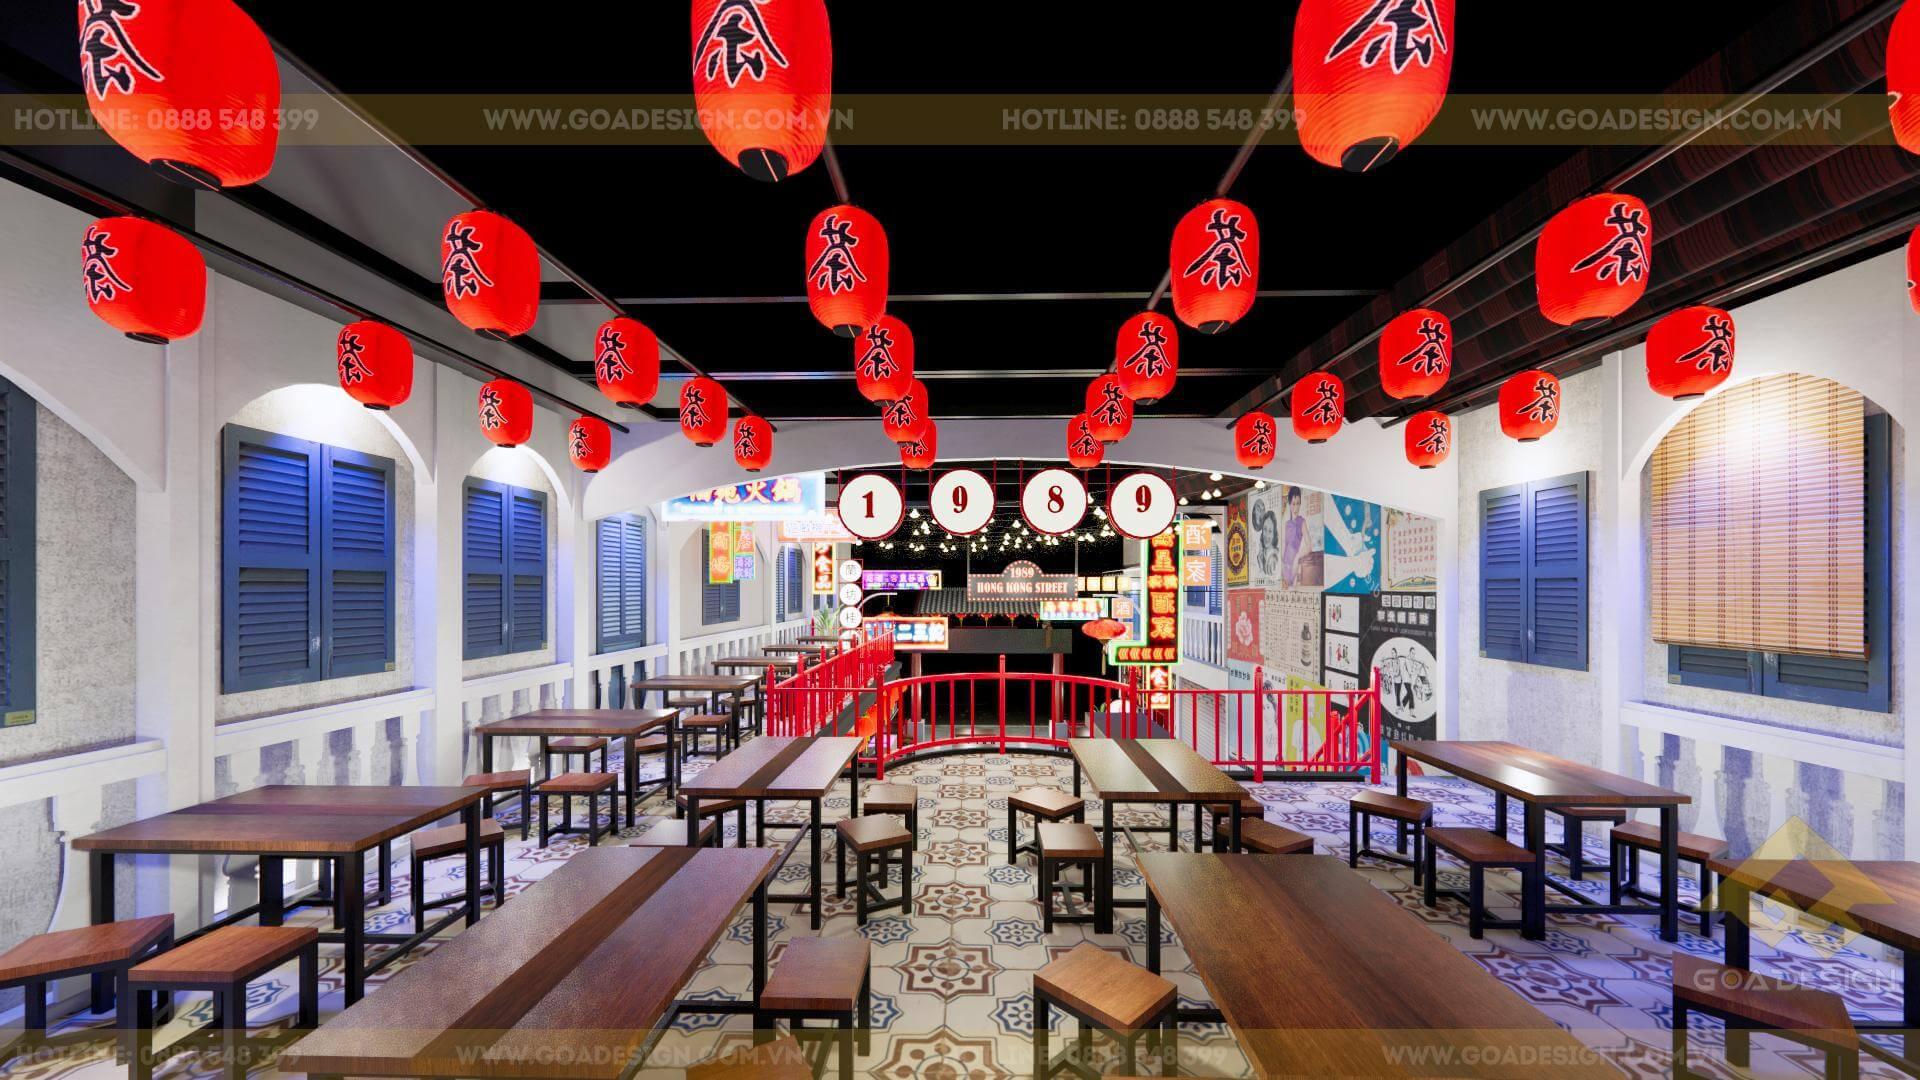 GOADESIGN Tư vấn thiết kế thi công phim trường chụp ảnh-concept HongKong (1)